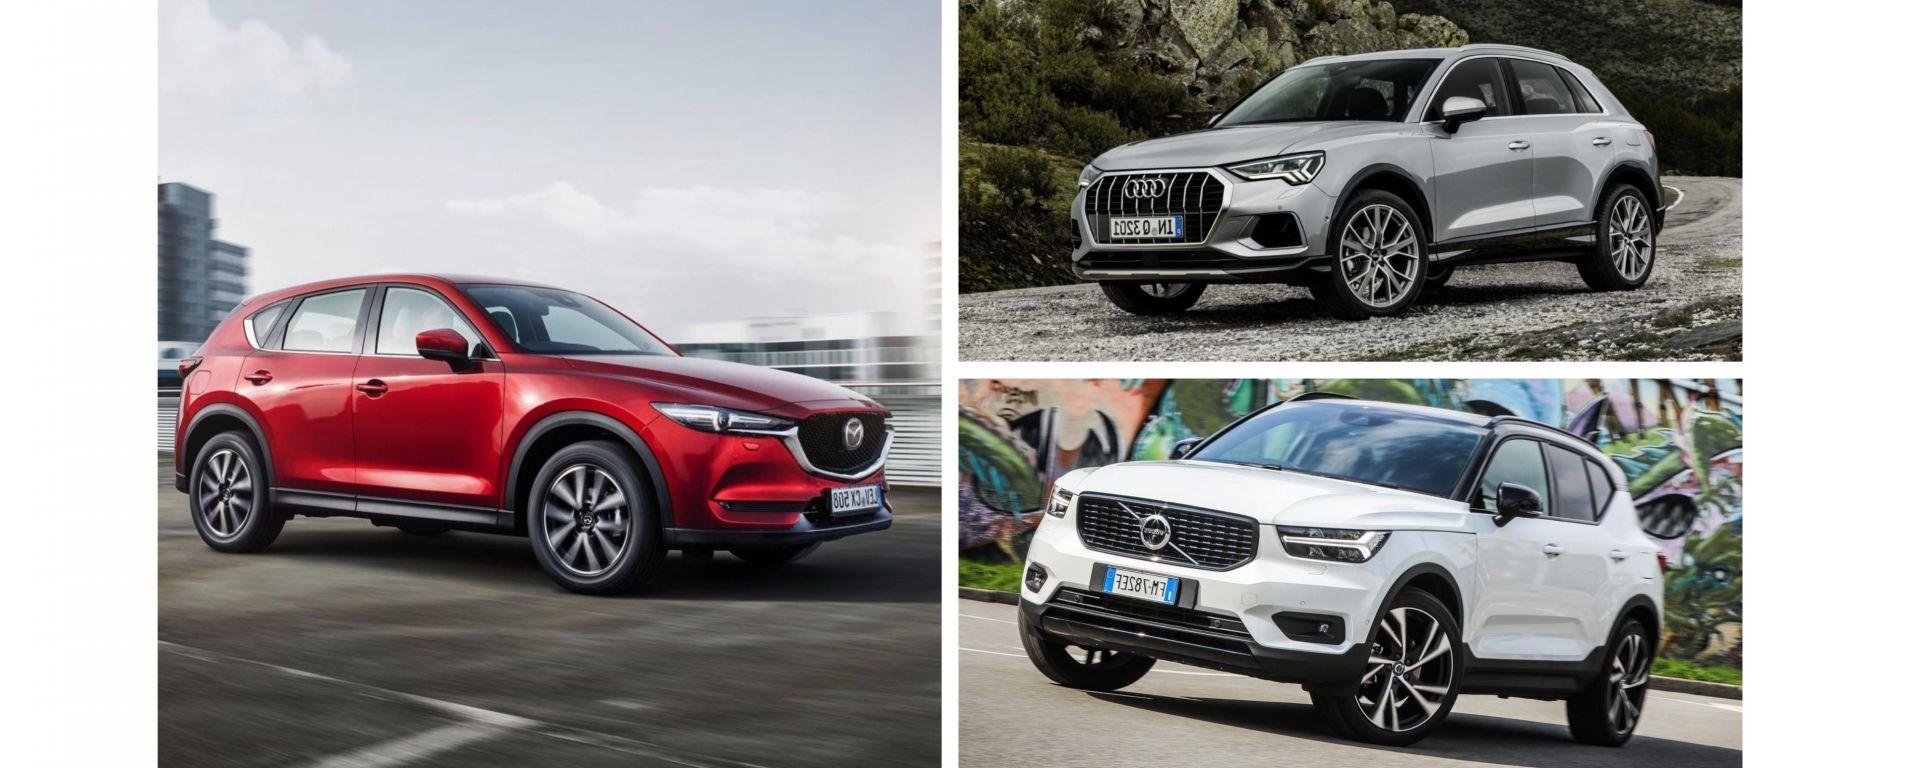 Audi Q3 vs Volvo XC40 vs Mazda CX-5